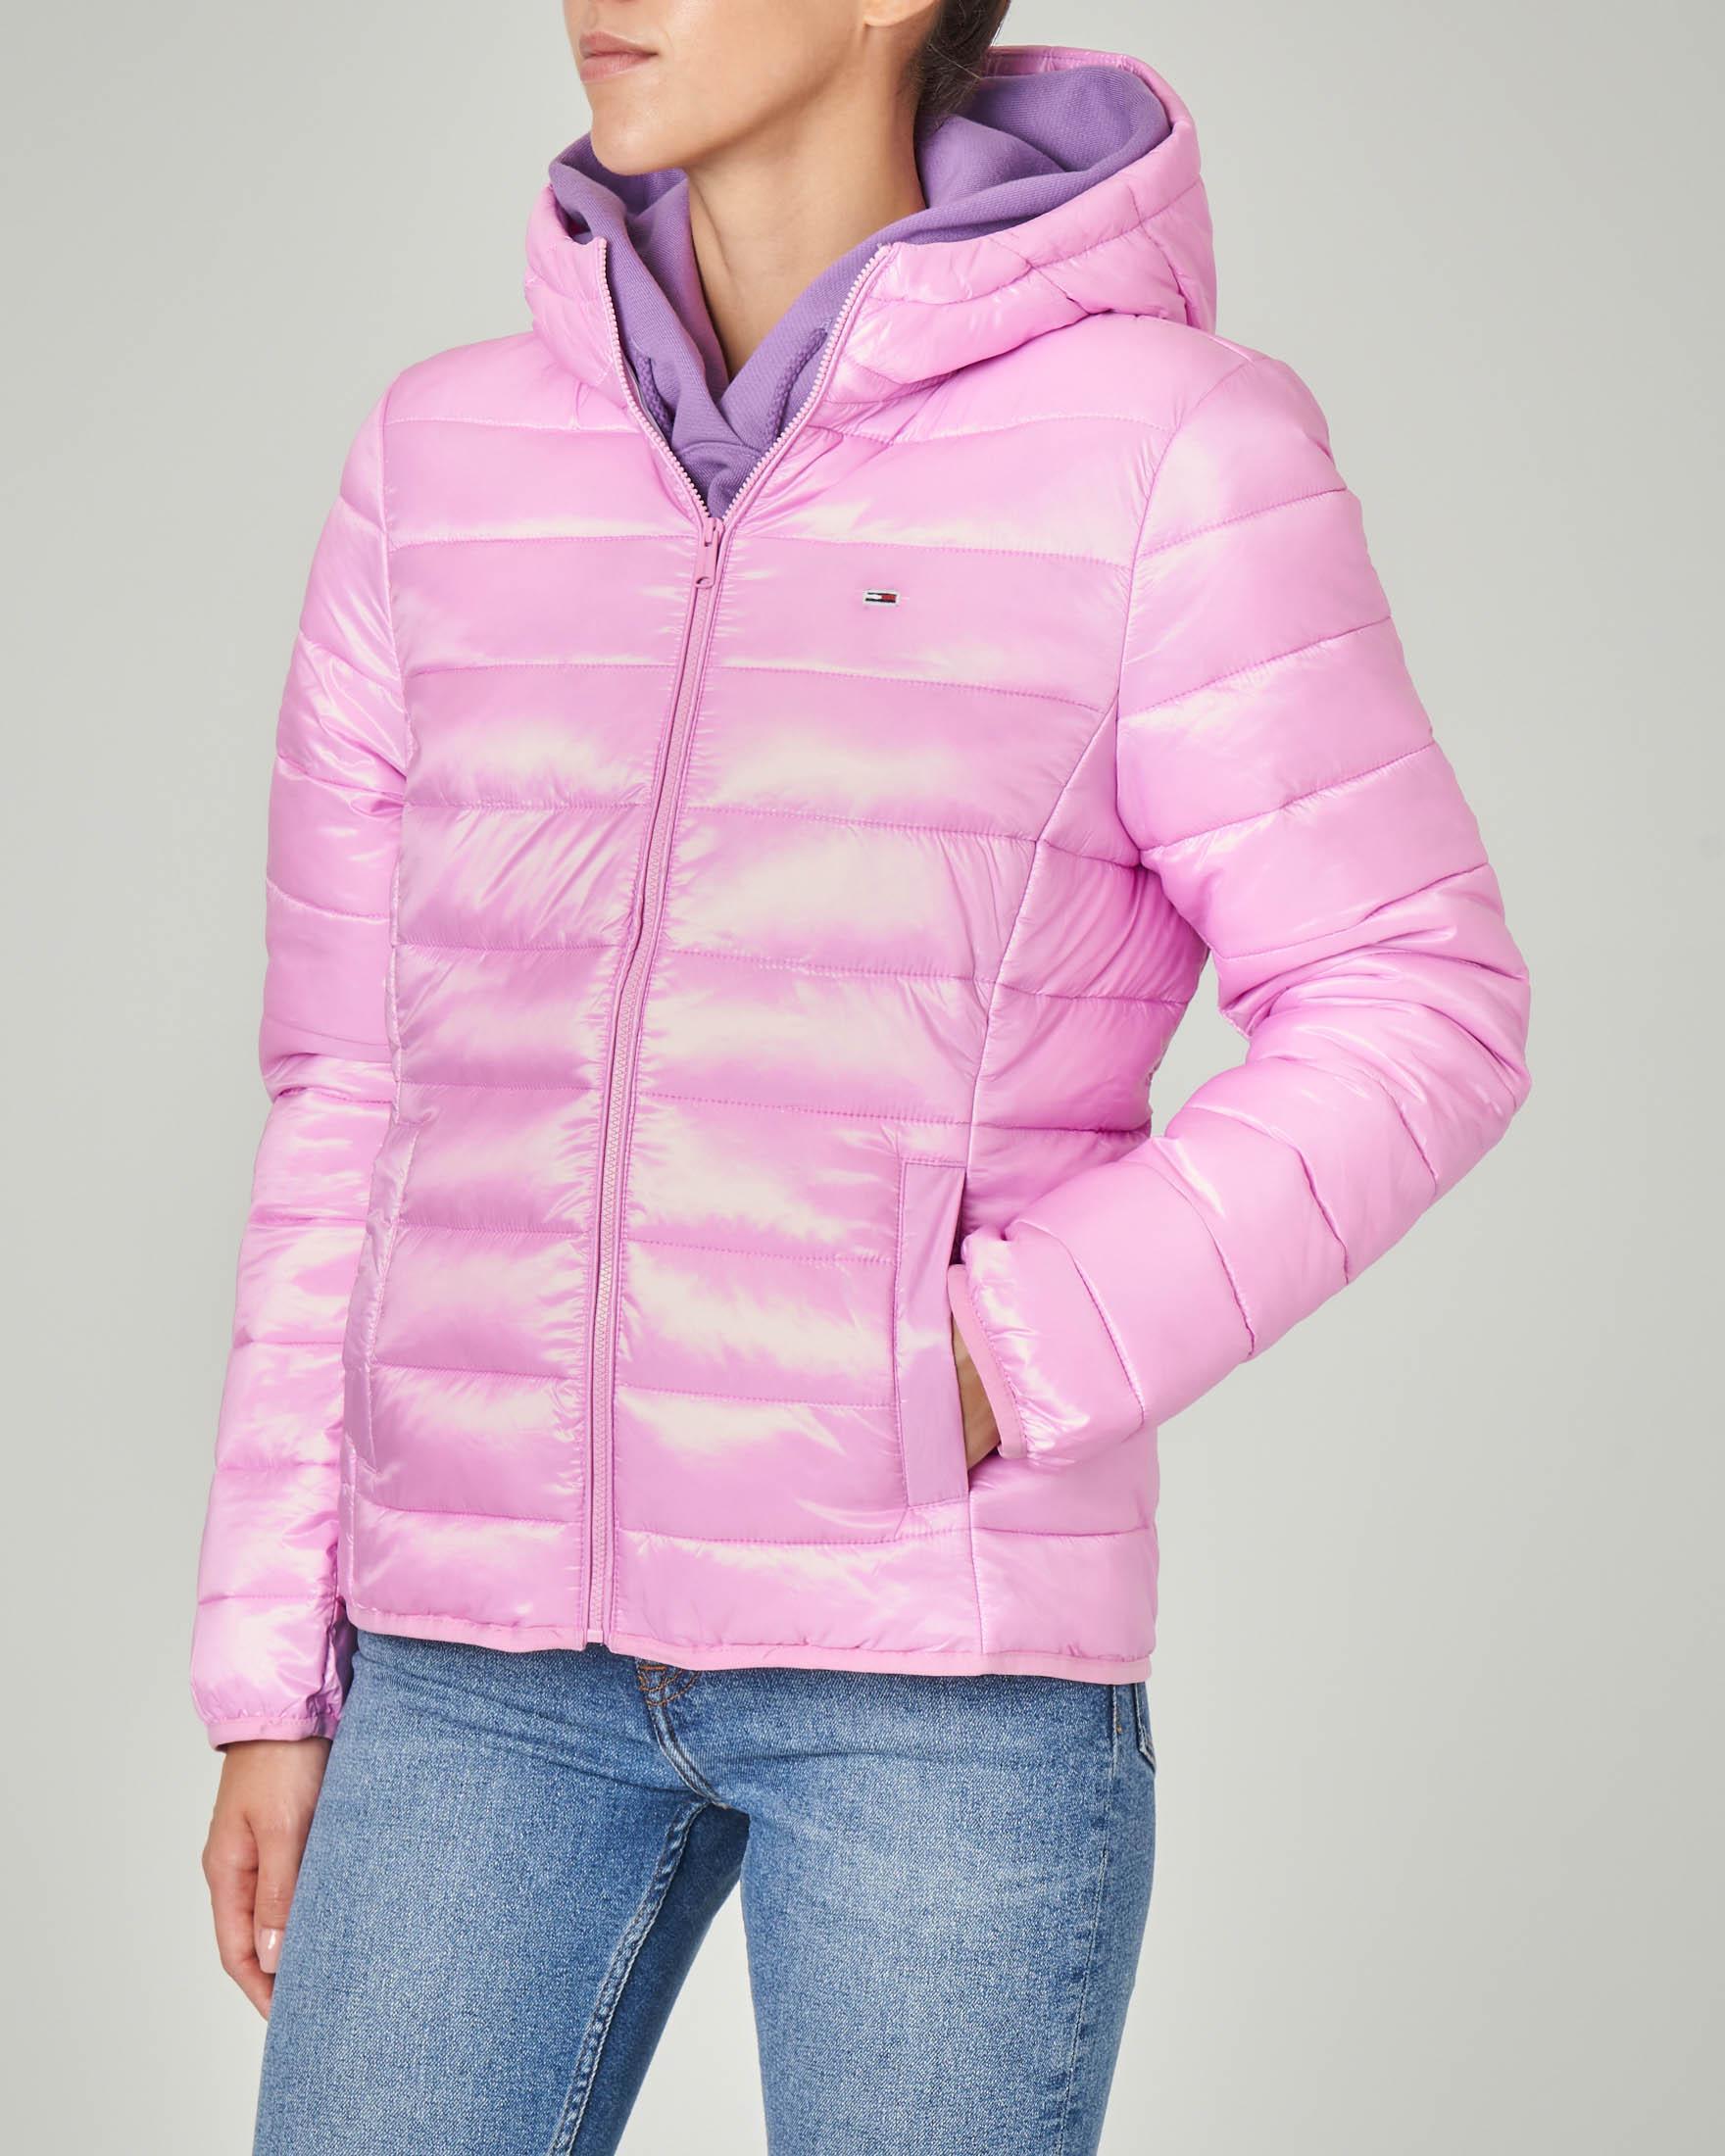 Piumino corto rosa con cappuccio linea sfiancata